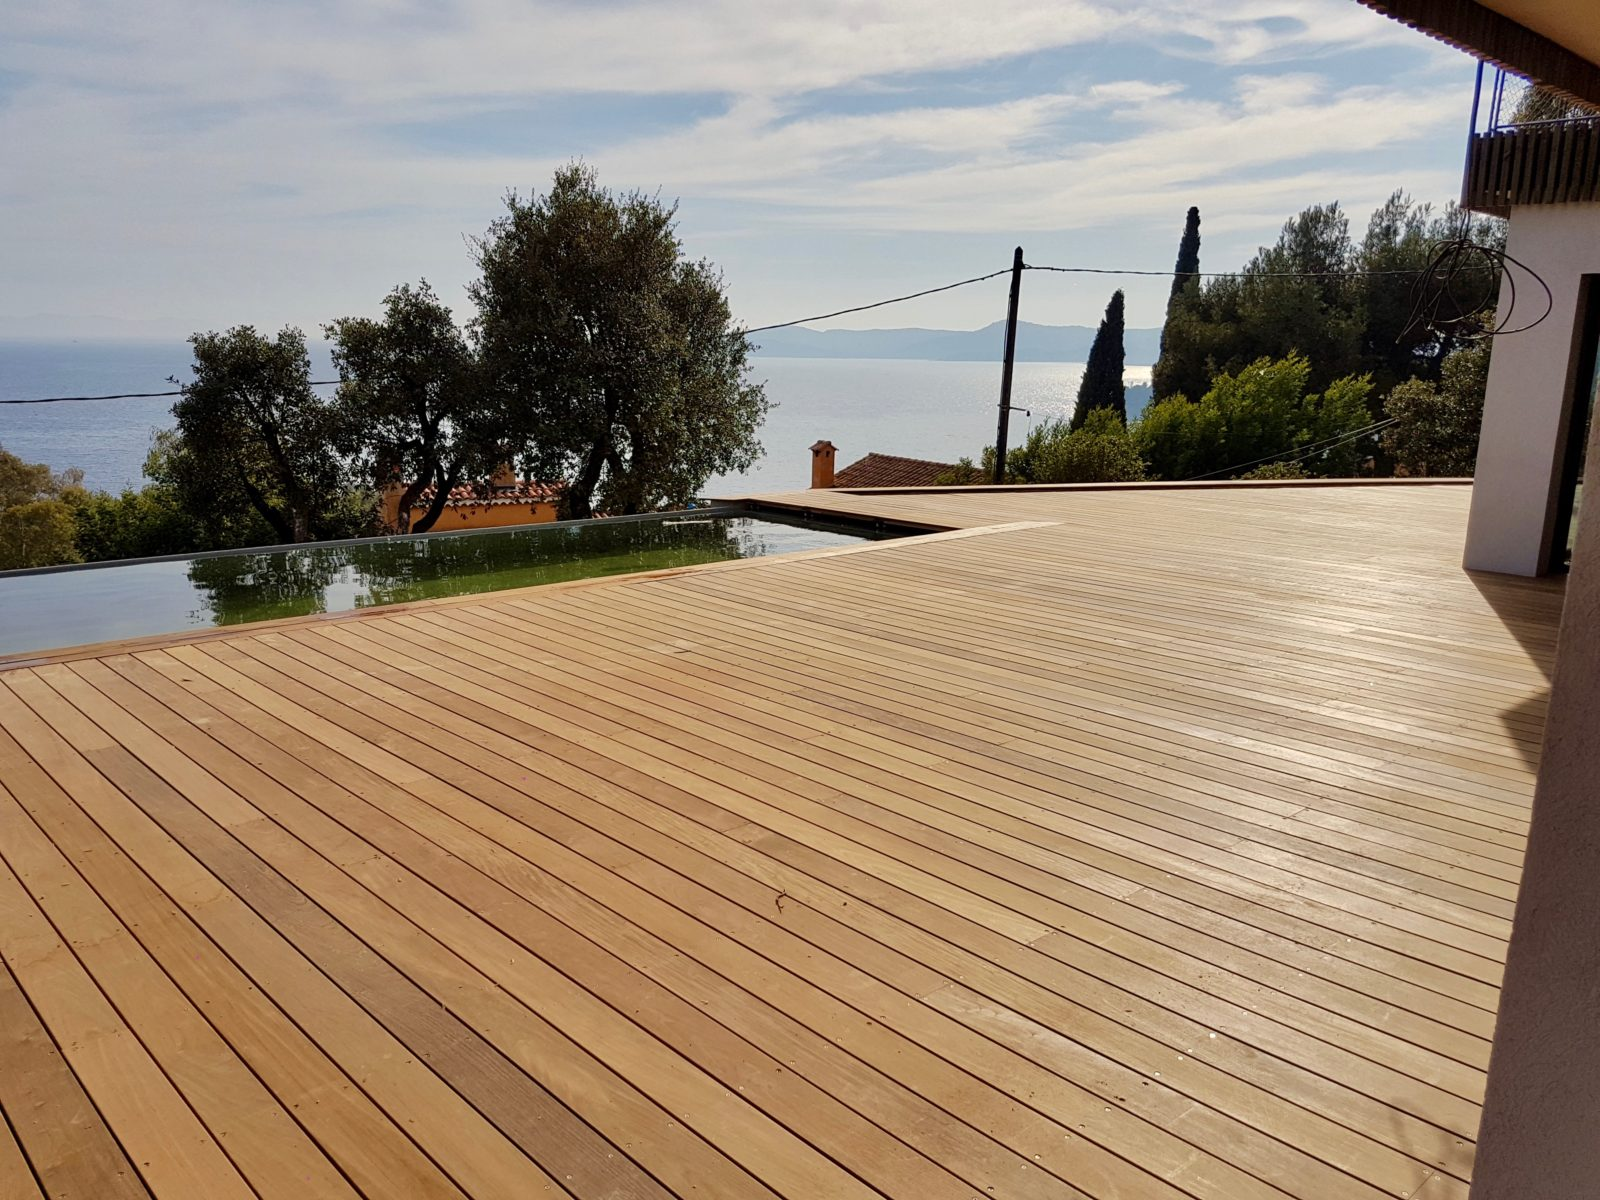 Comment choisir les matériaux de terrasse en bois?